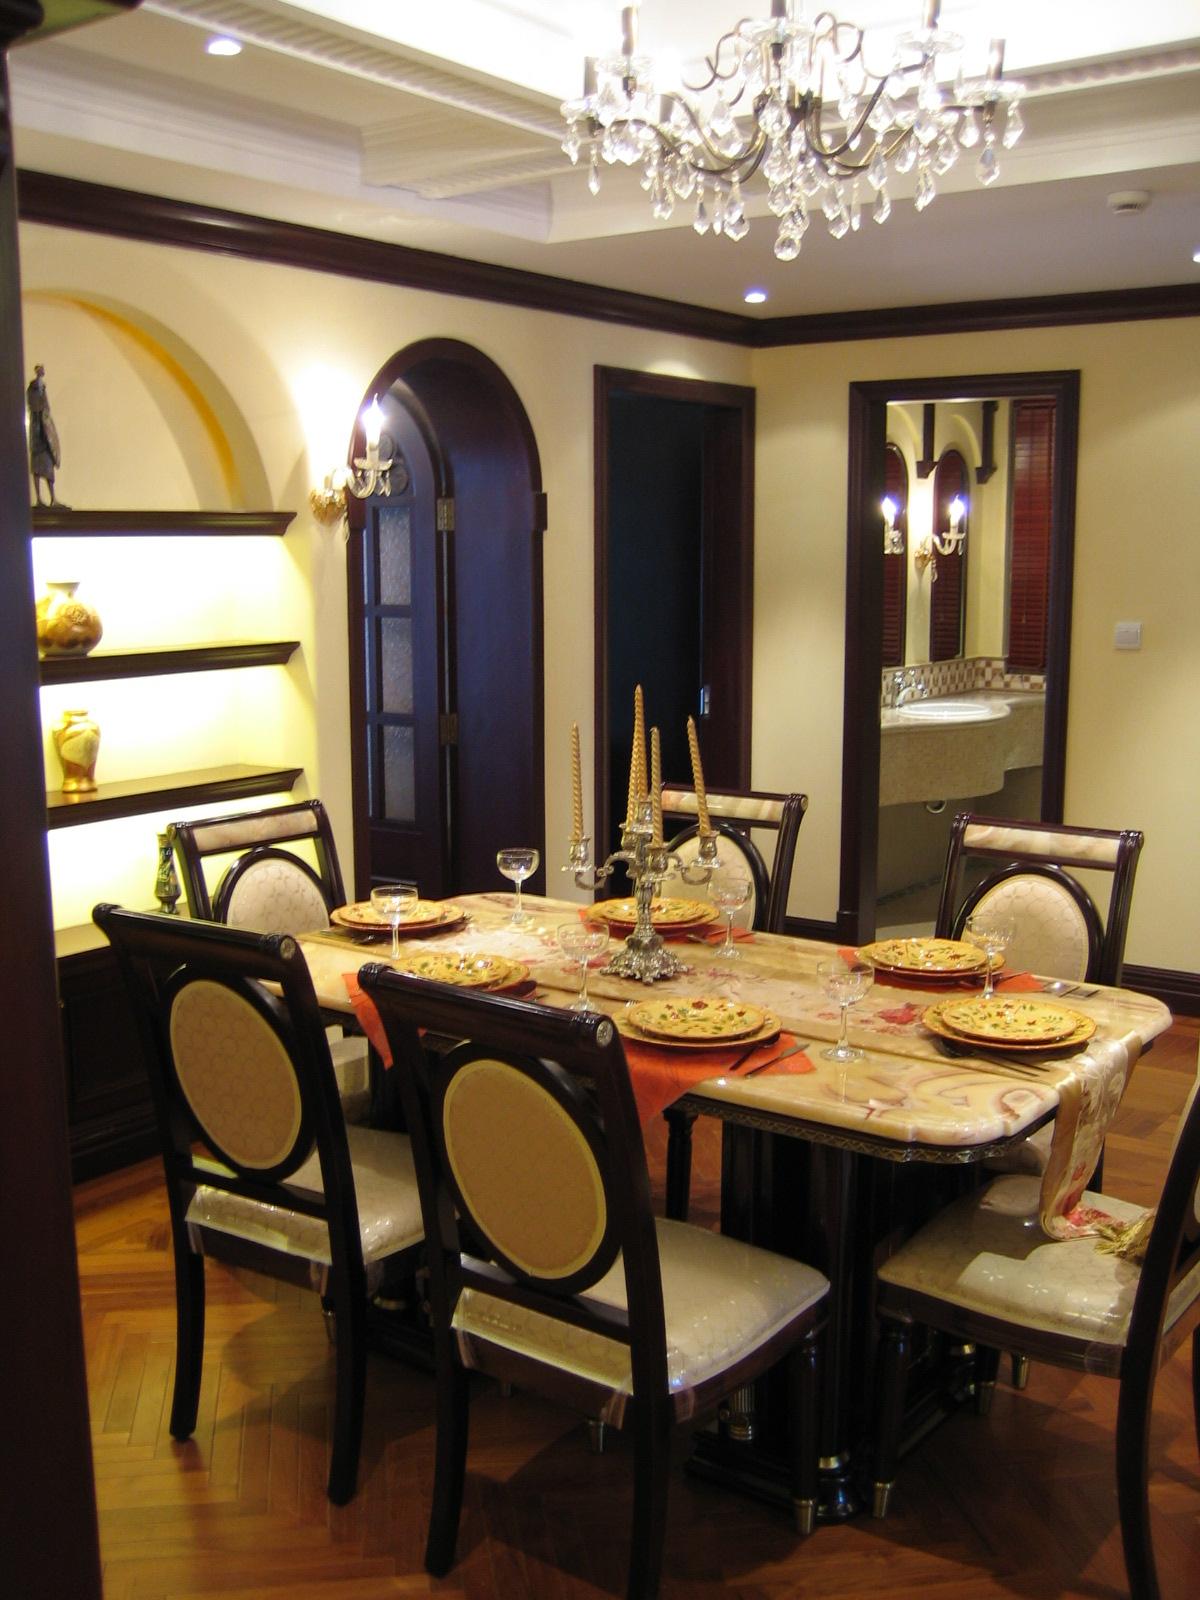 样板间设计 装修样板间 样板间装修 公寓样板间设计 欧式别墅样板间